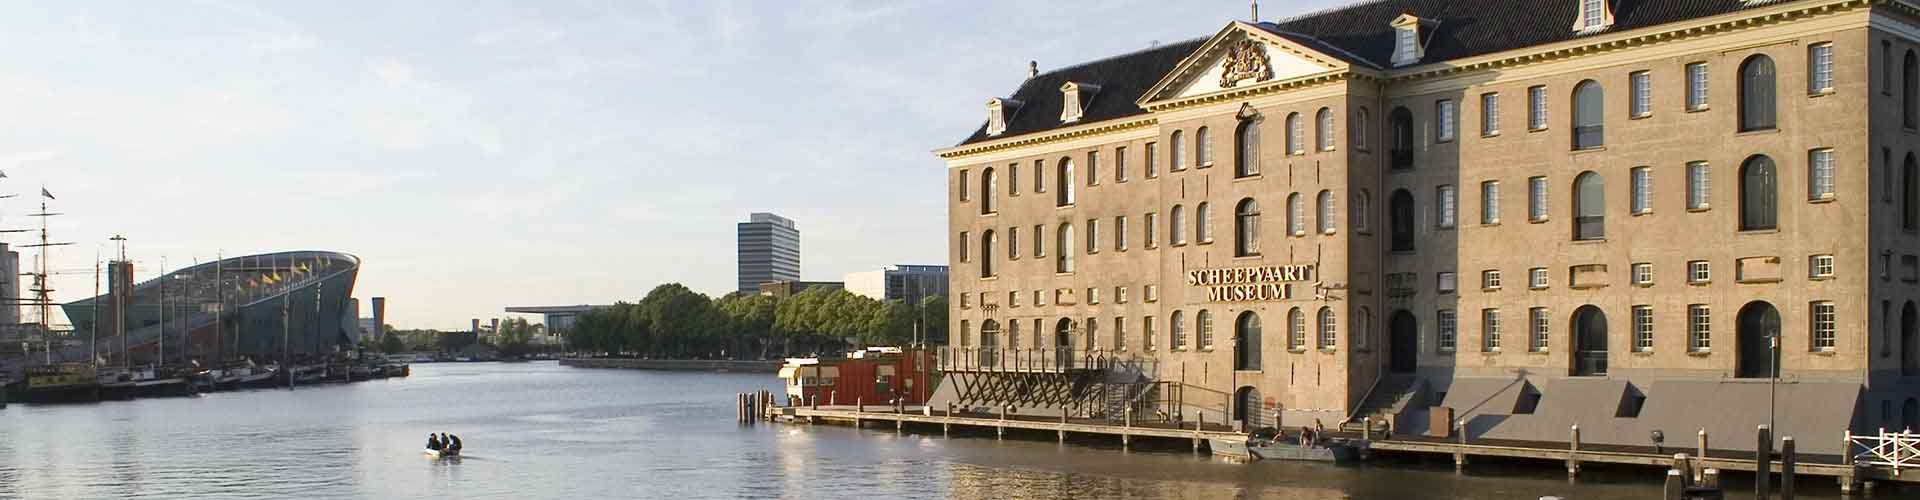 Amsterdam - Auberges de jeunesse près de Scheepvaartmuseum. Cartes pour Amsterdam, photos et commentaires pour chaque auberge de jeunesse à Amsterdam.